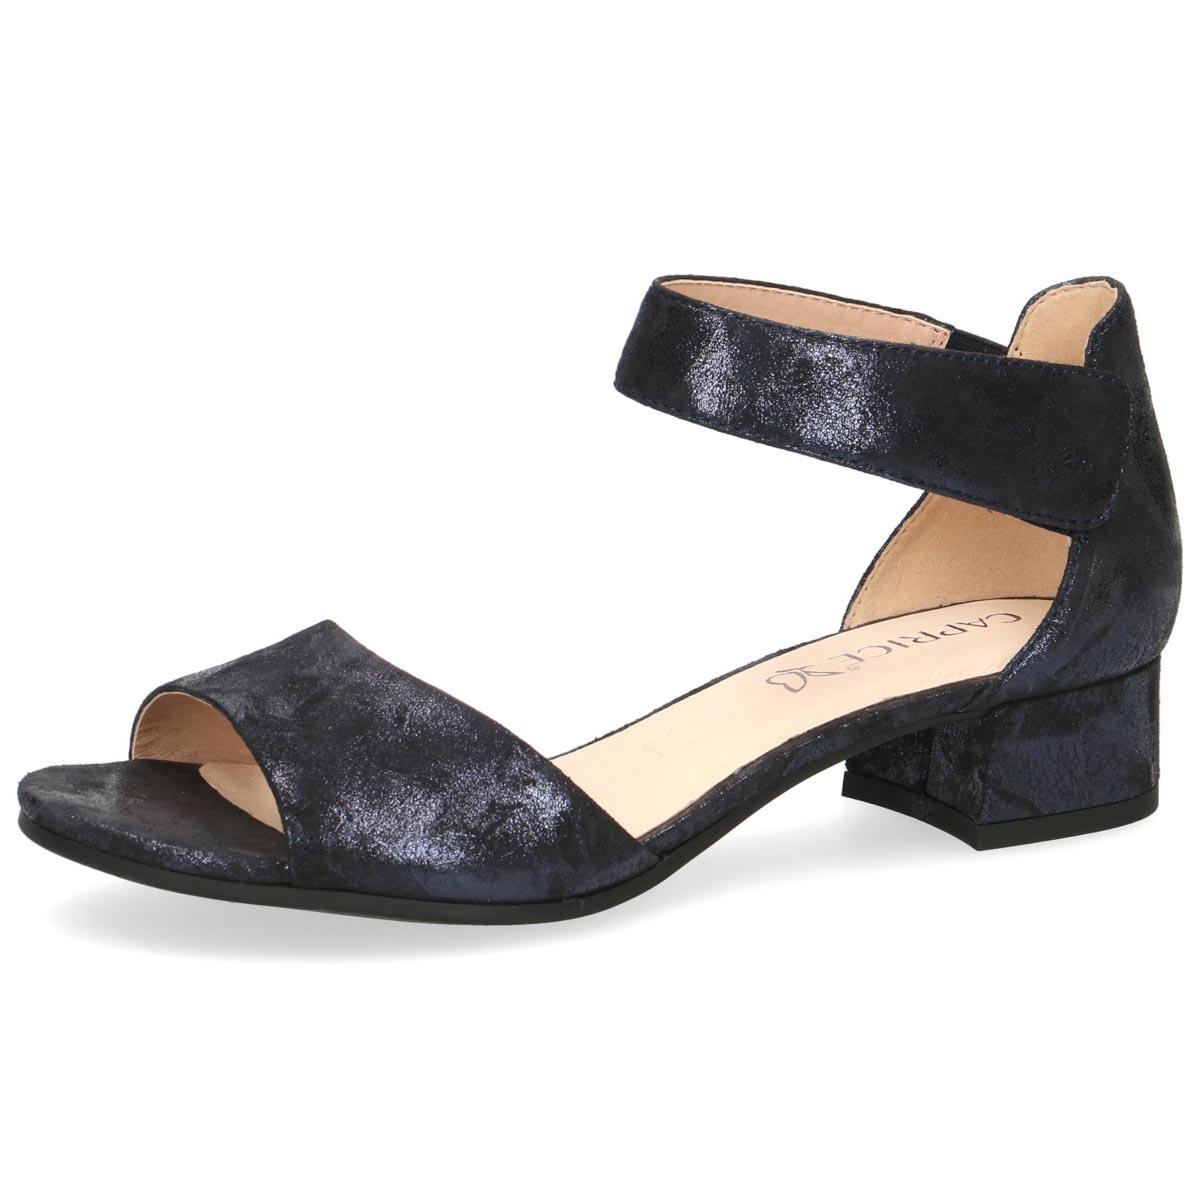 Caprice - Flo Navy Shimmer Summer Sandal